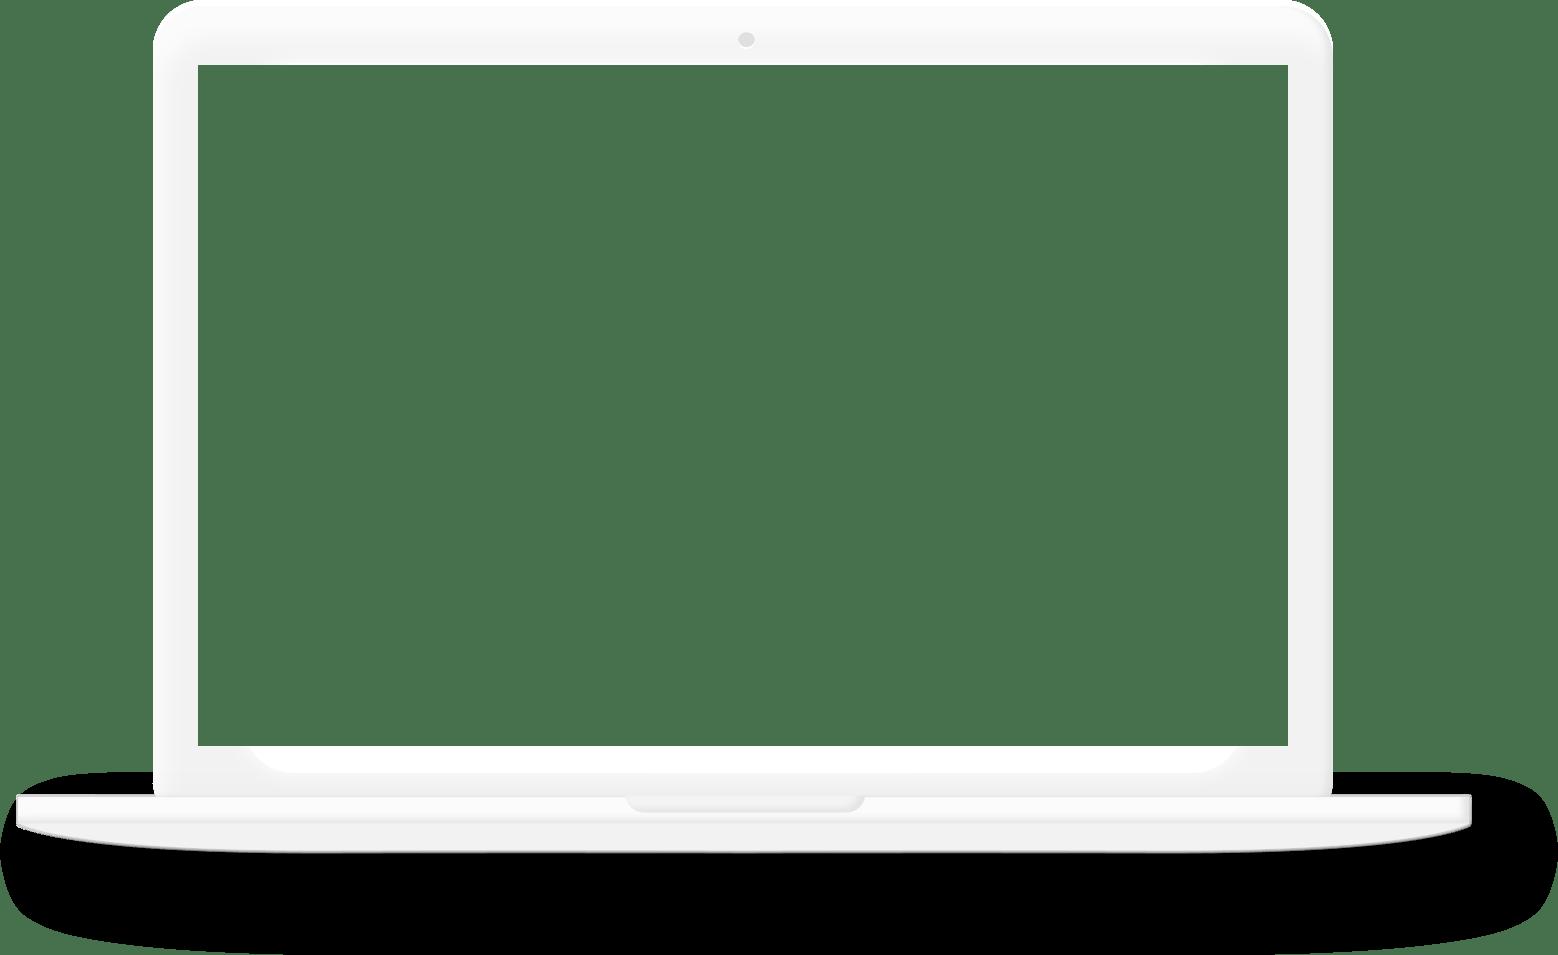 macbook-light